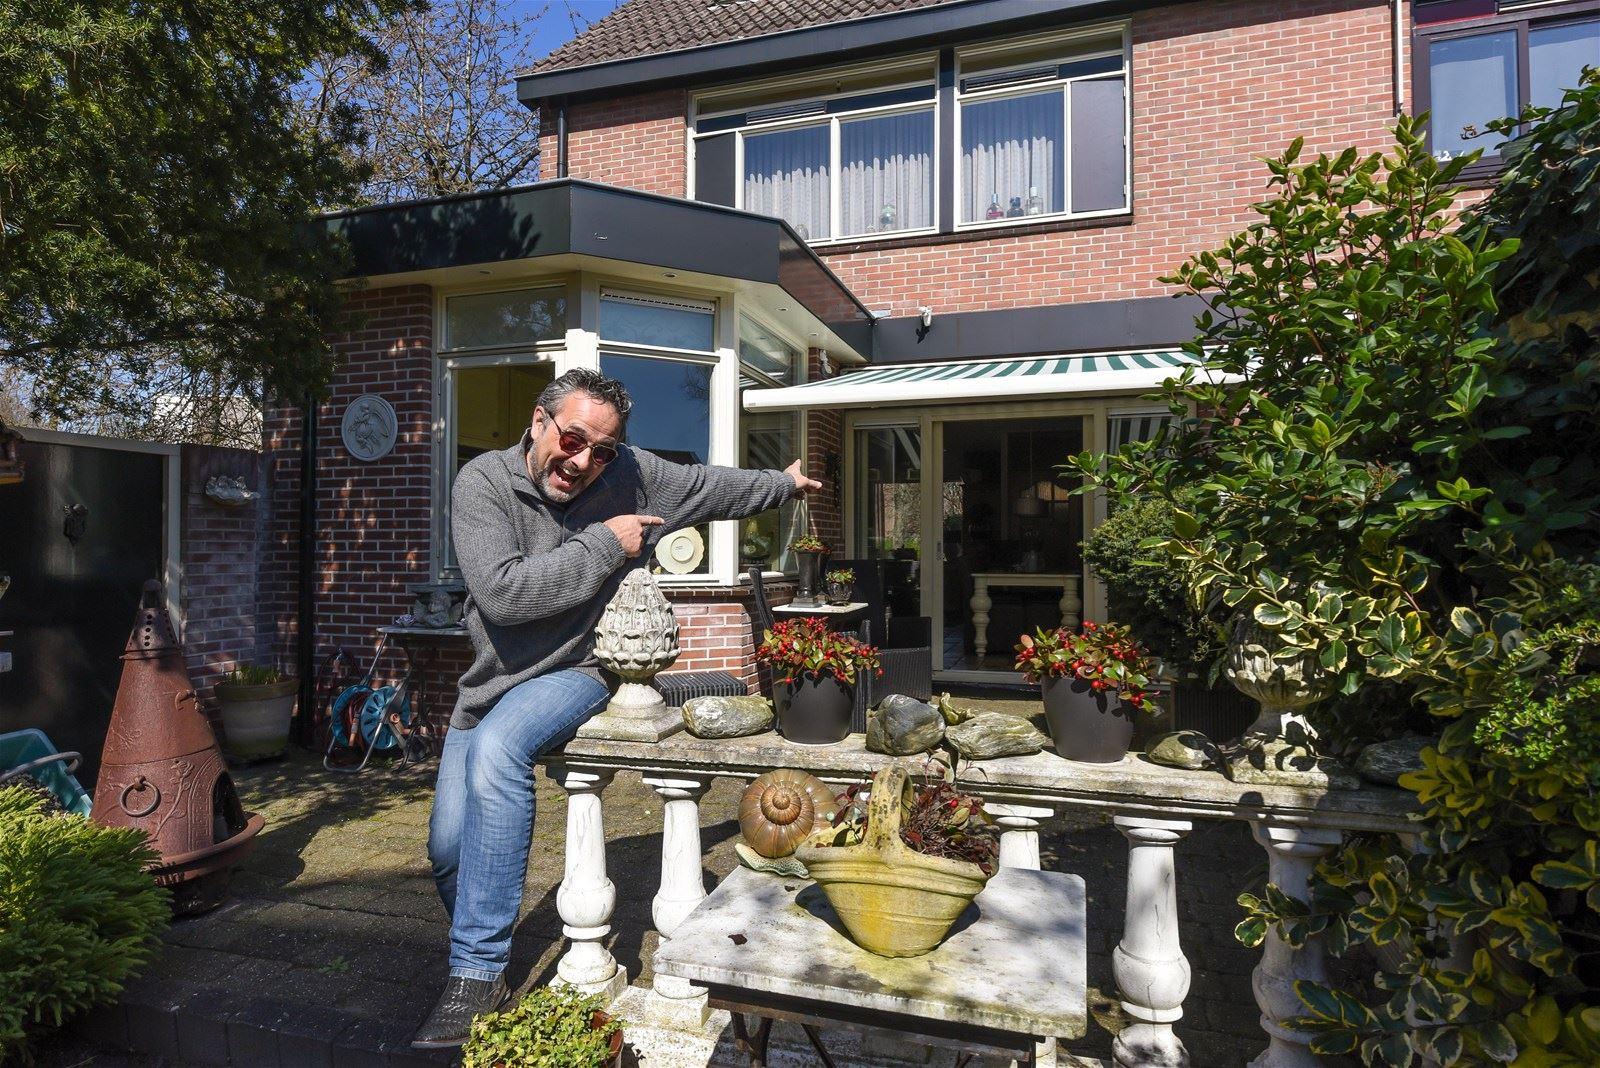 Tim wil de huizen een wat menselijker uitstraling meegeven